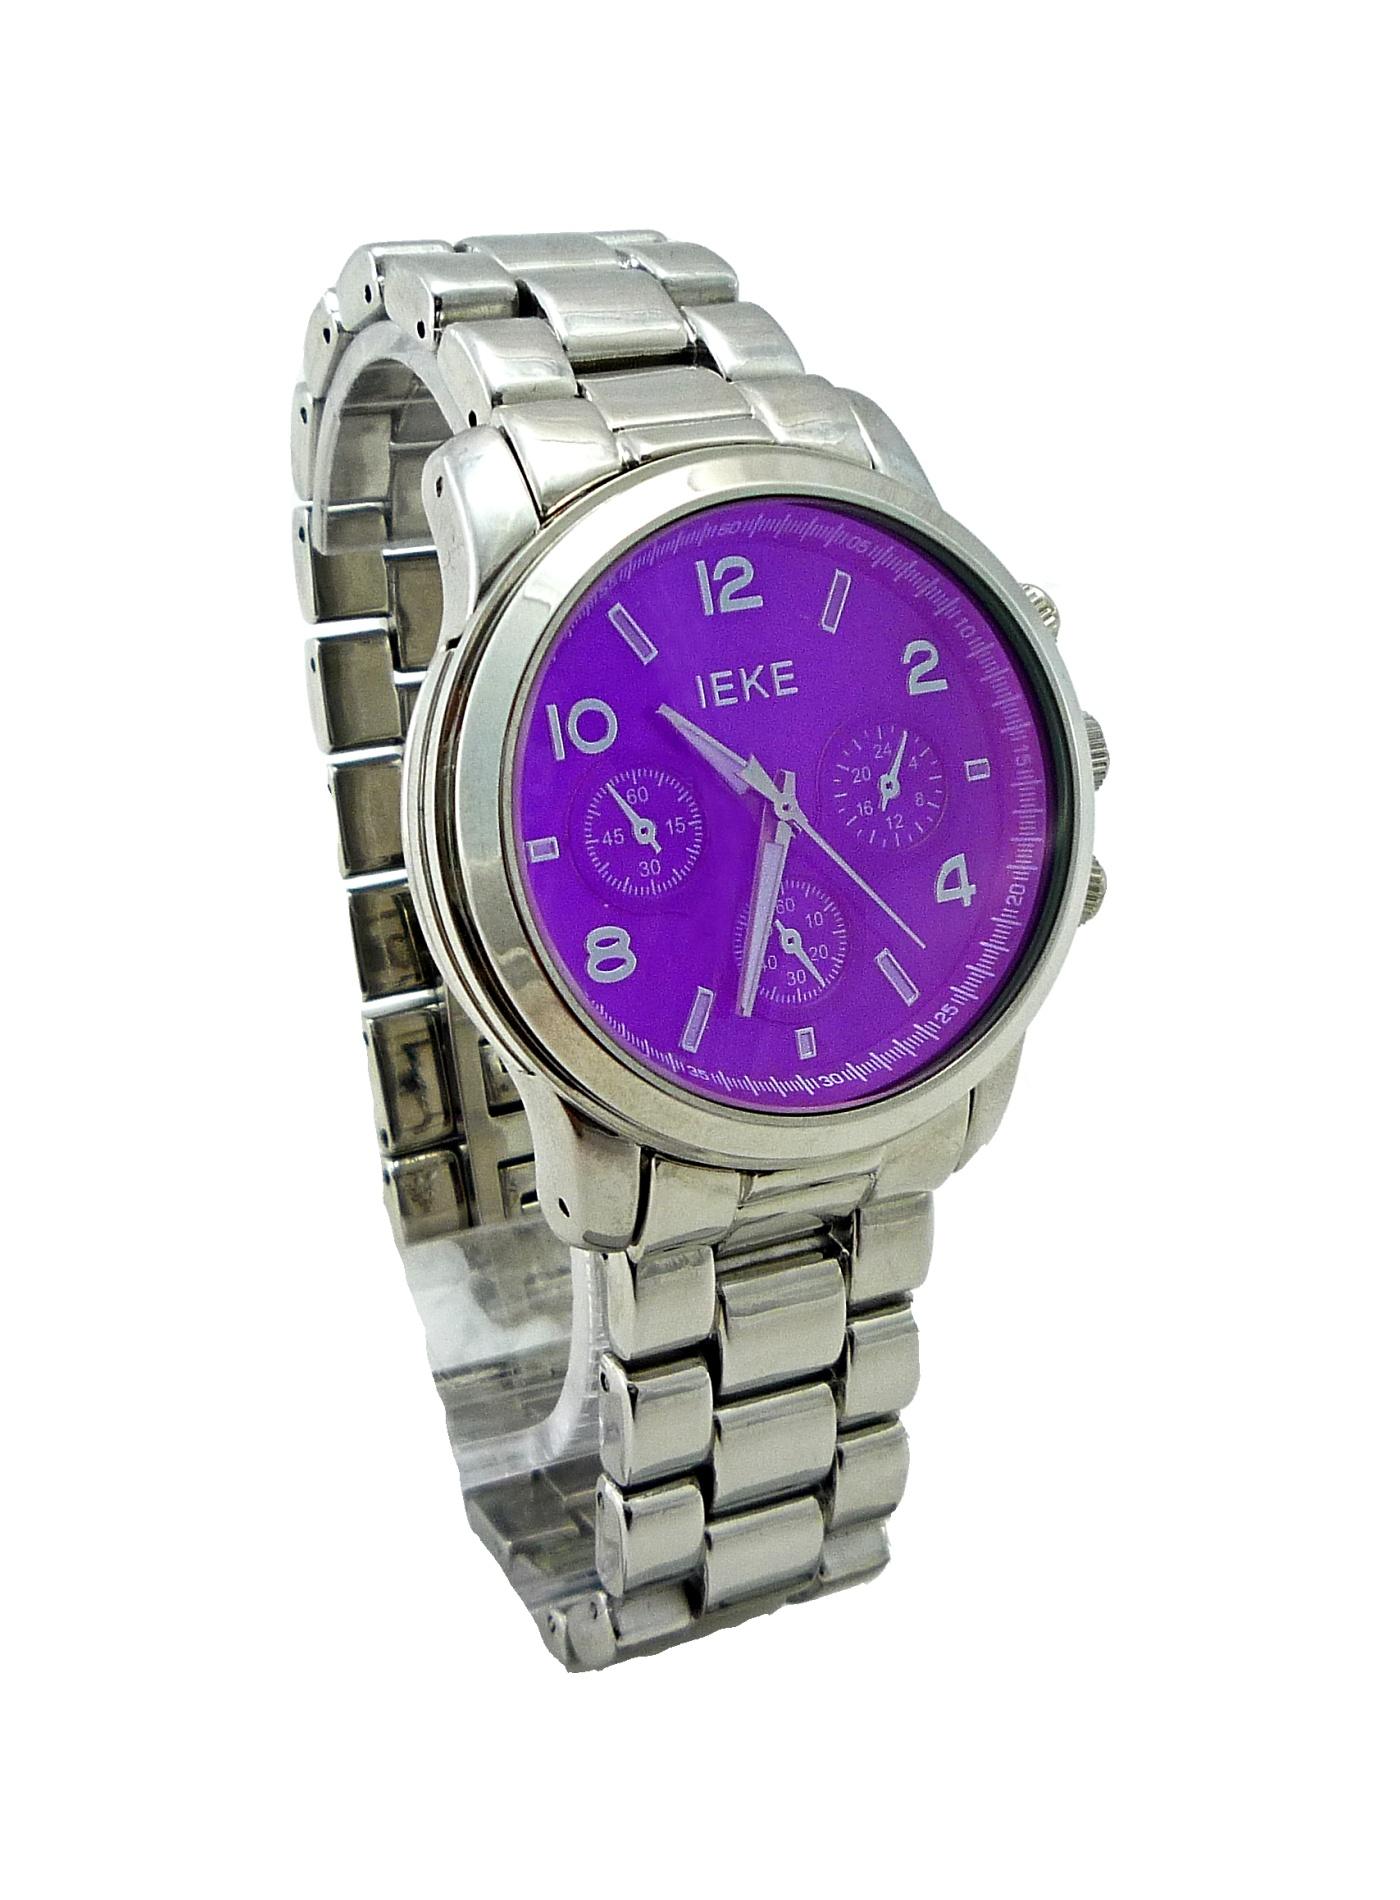 Dámské hodinky IEKE Prote stříbrné 130D